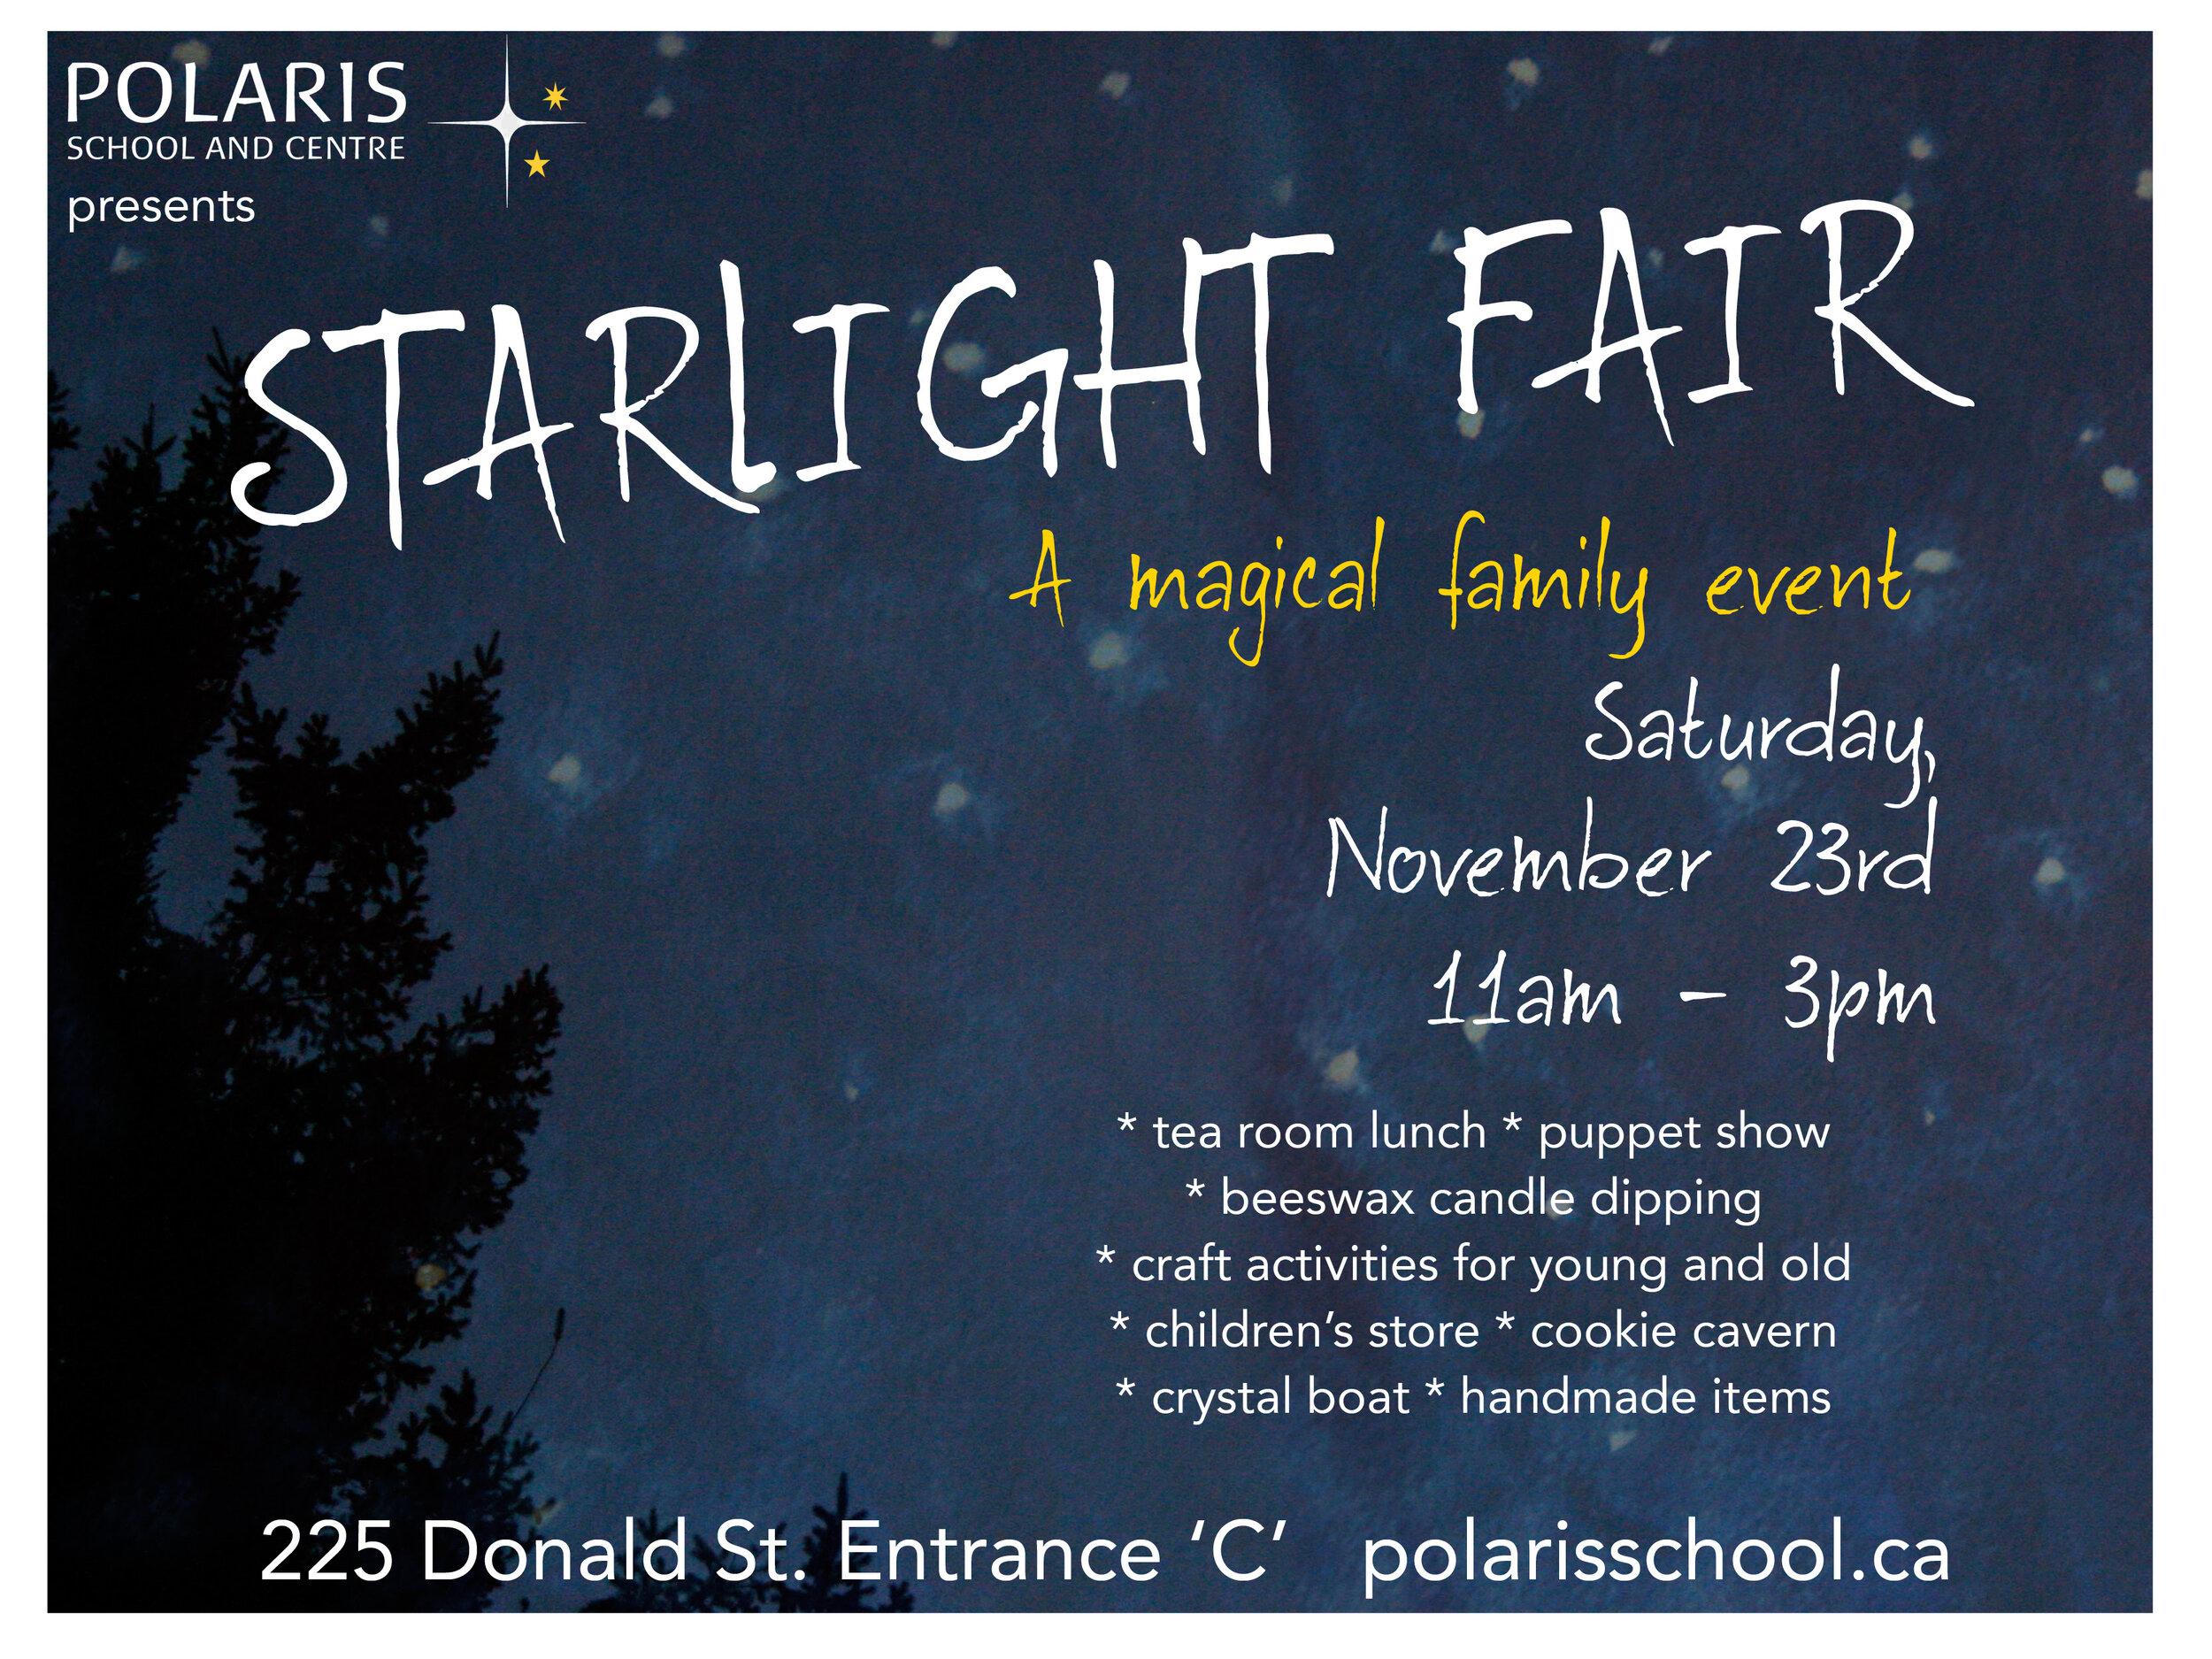 Starlight Winter Fair Poster.jpg